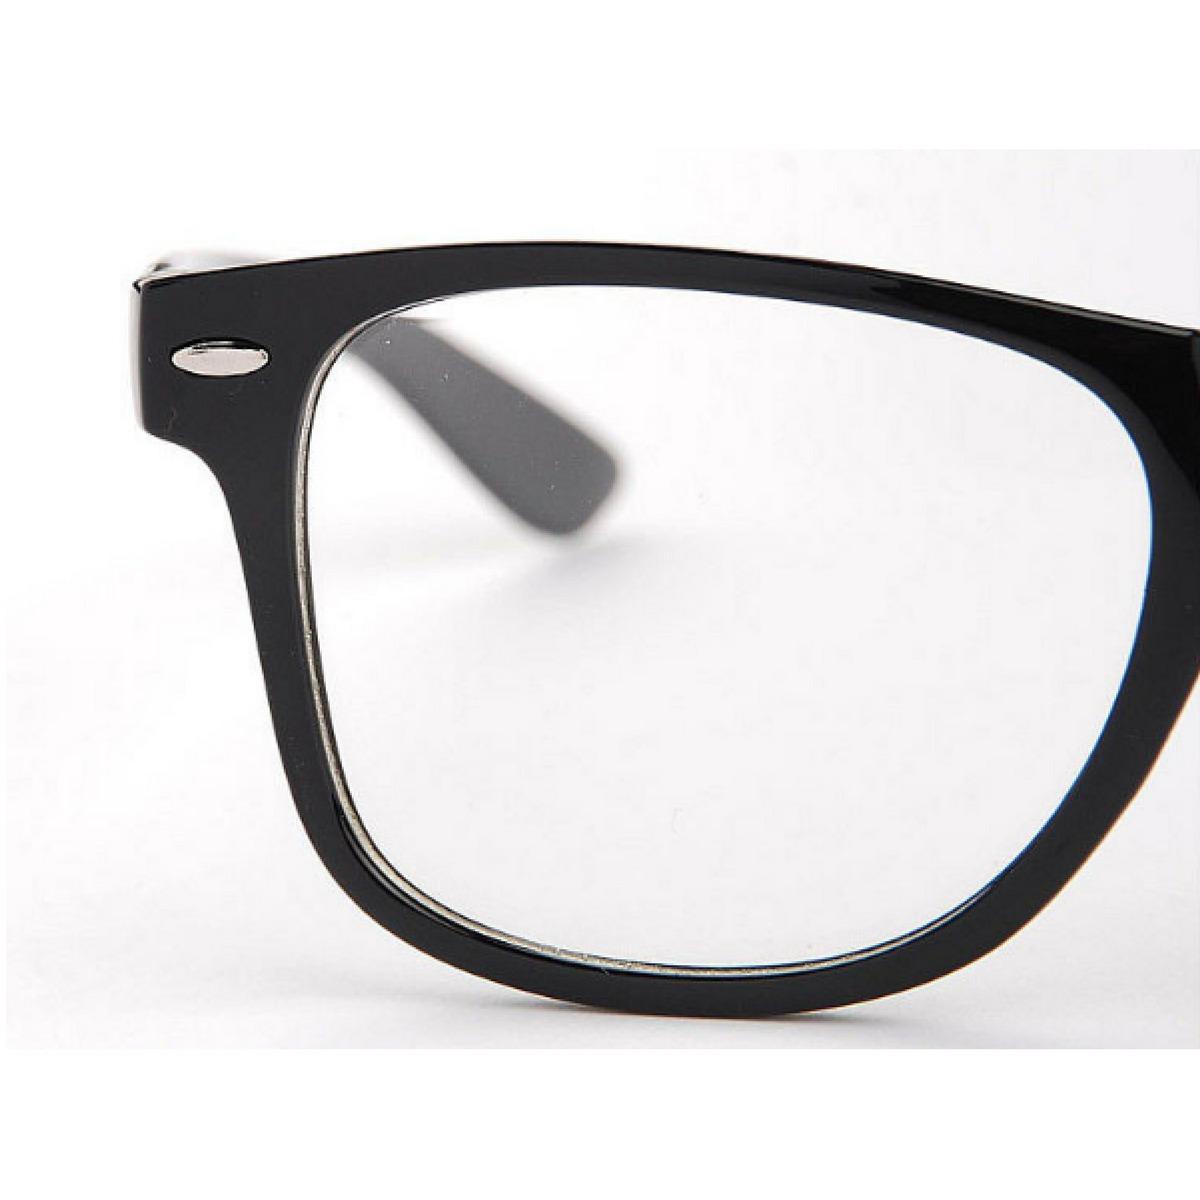 80e0f6b2c6a0a armação oculos preto moda nerd importado decorativo grau. Carregando zoom.